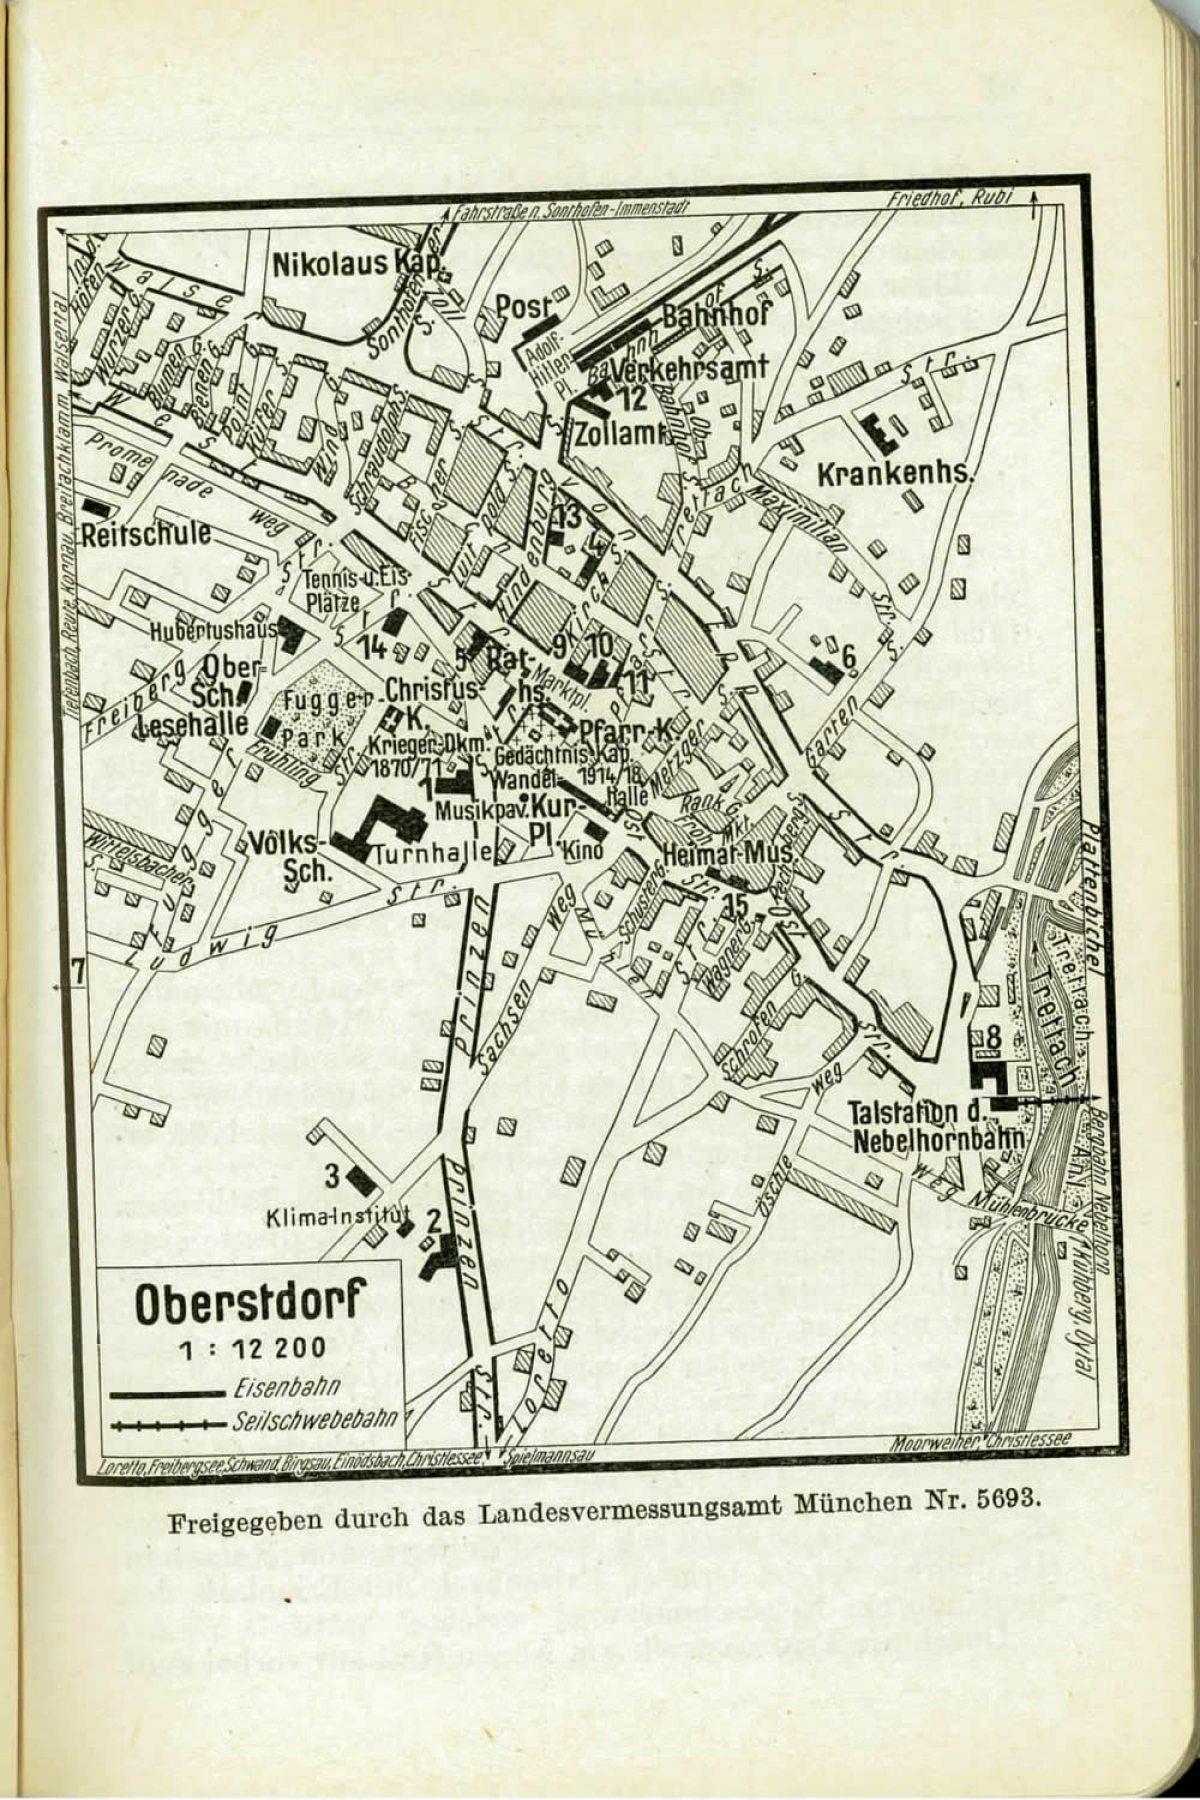 Griebens Reiseführer 1934 Ortsplan